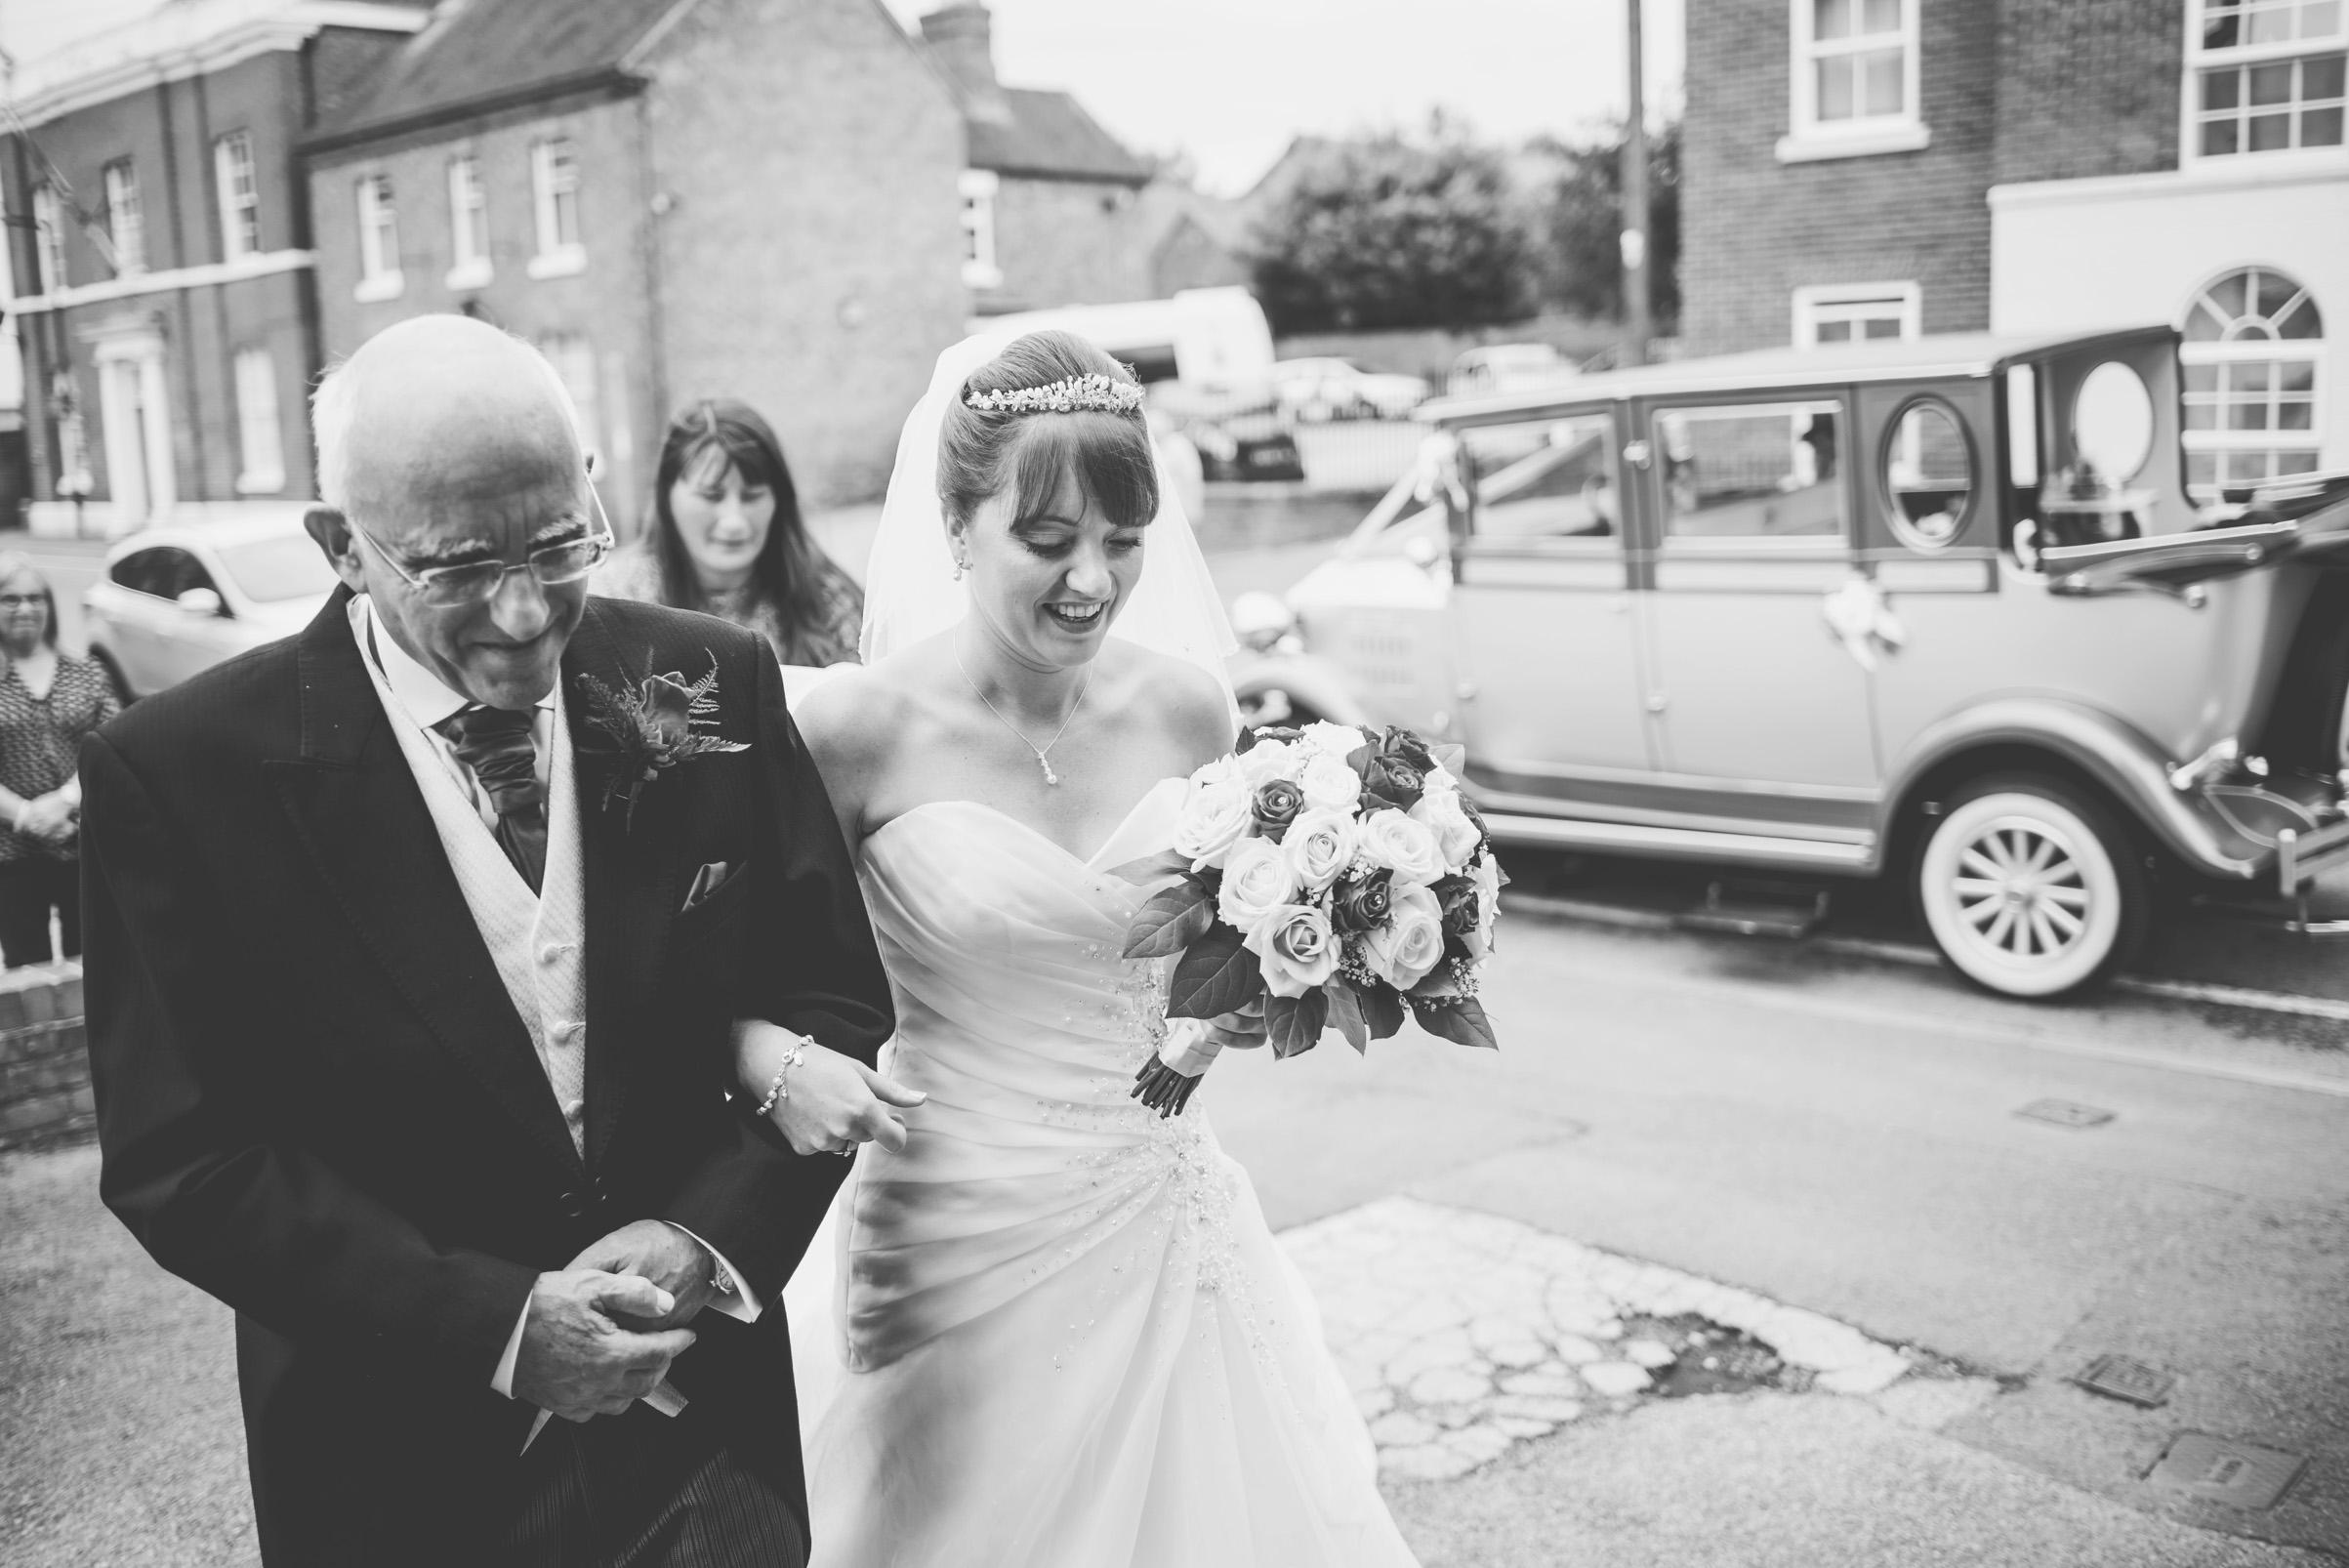 Farm-wedding-staffordshire-st-marys-catholic-church-uttoxter-23.jpg